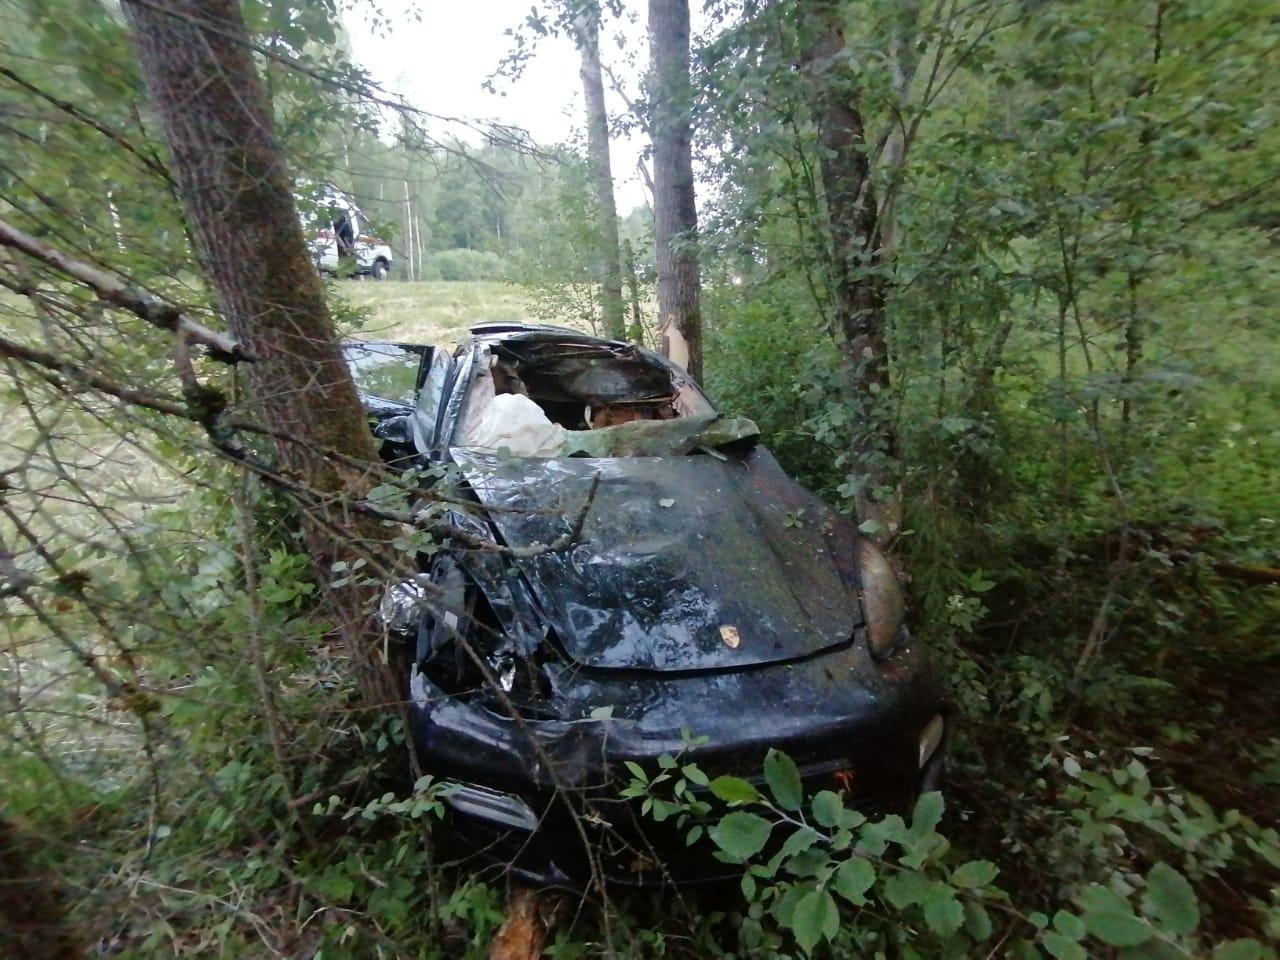 Водитель Porsche доставлен в больницу после столкновения с лосем на М9 в Тверской области - новости Афанасий